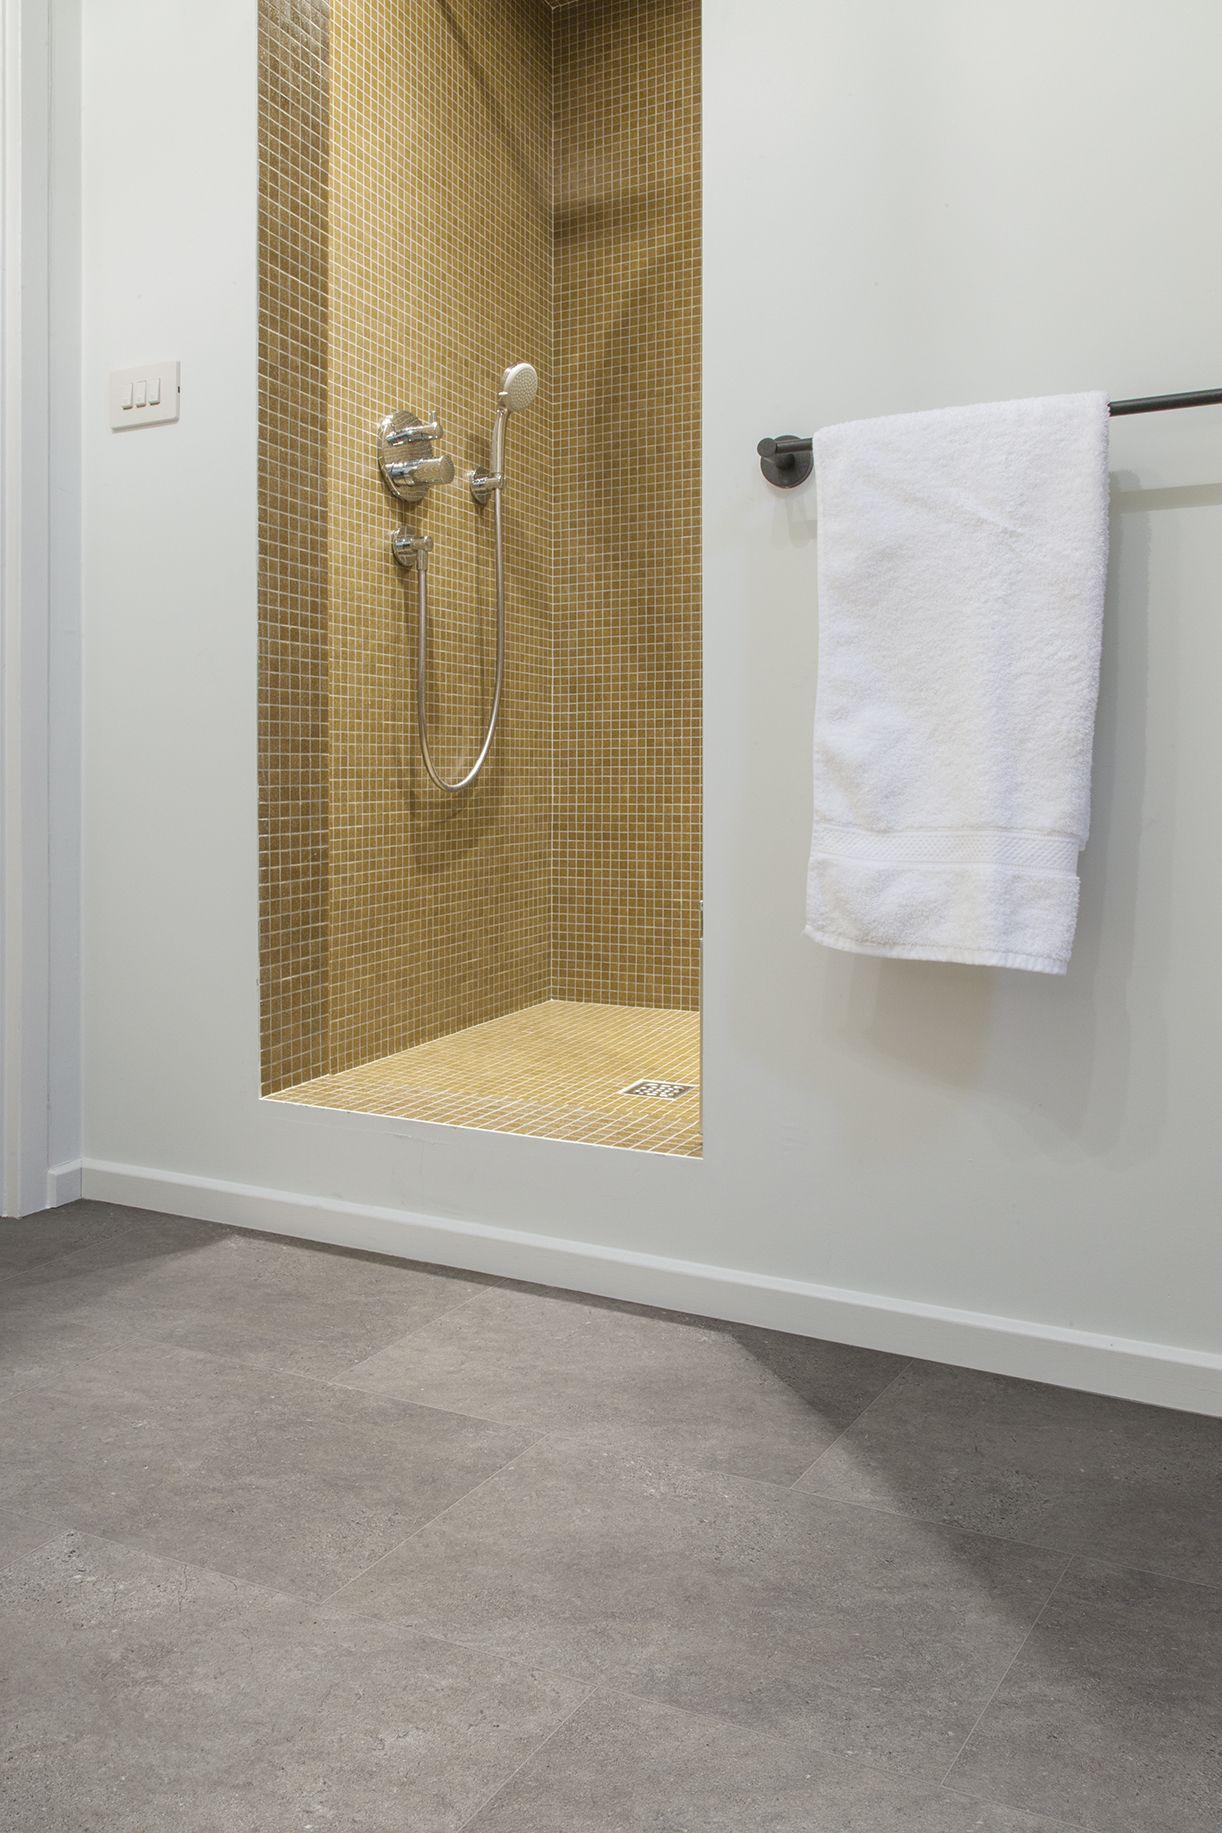 Vloer badkamer, Vloer inspiratie, PVC vloer badkamer ...